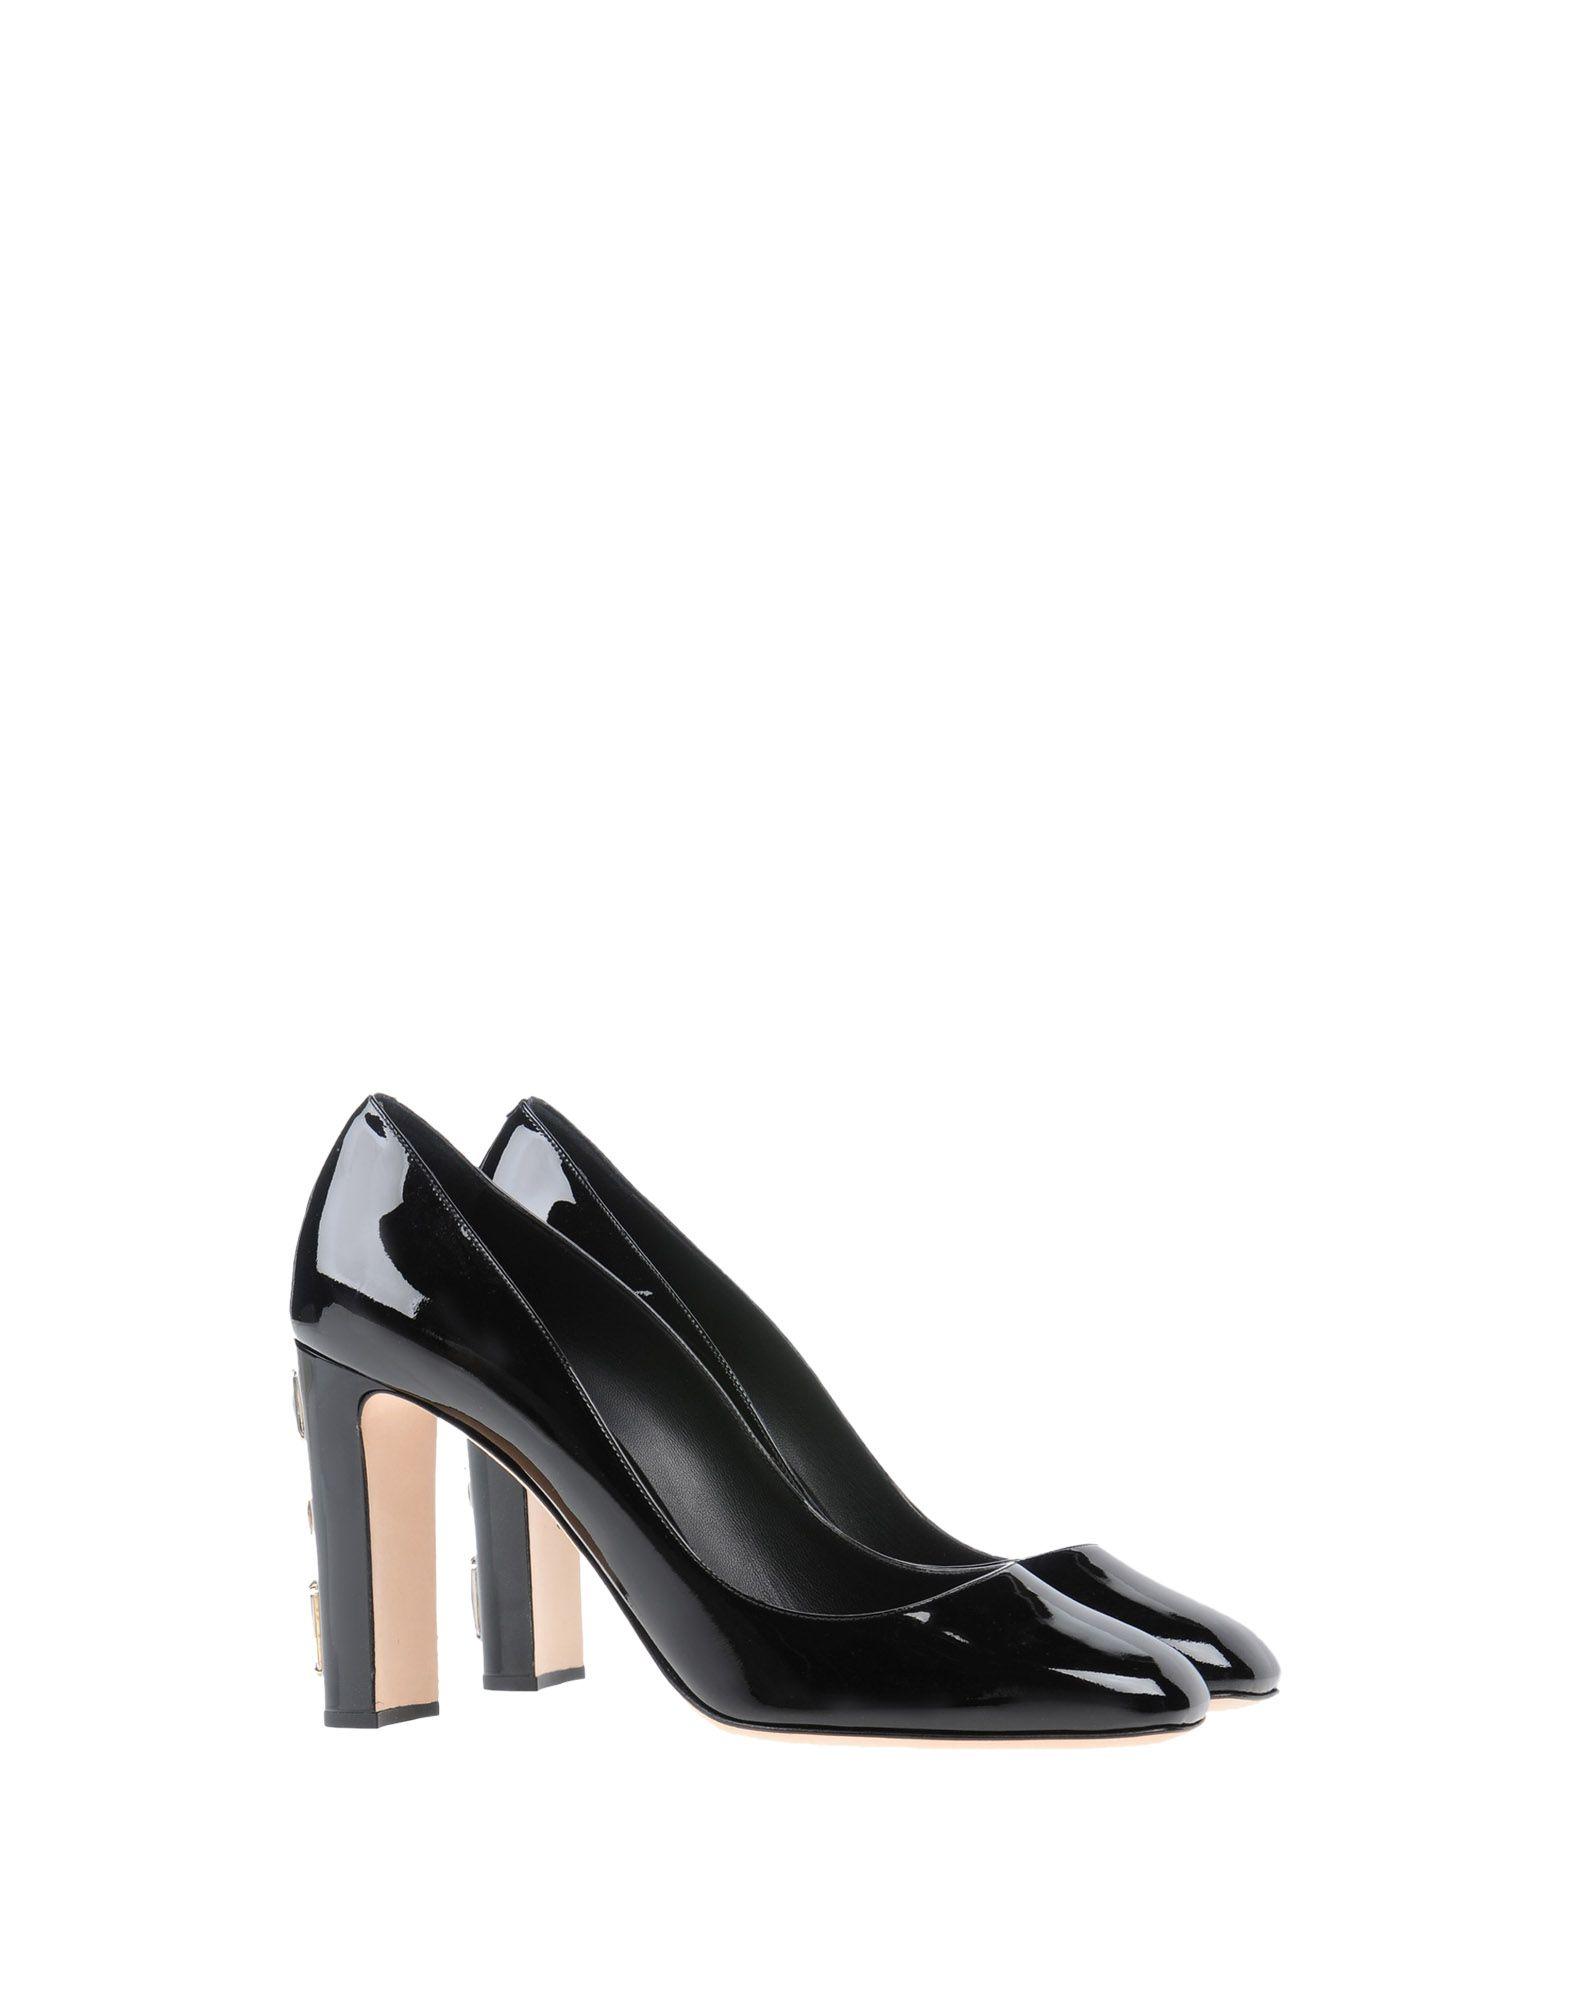 Dolce & Gabbana Pumps aussehende Damen  11293011BLGünstige gut aussehende Pumps Schuhe 1d9e23